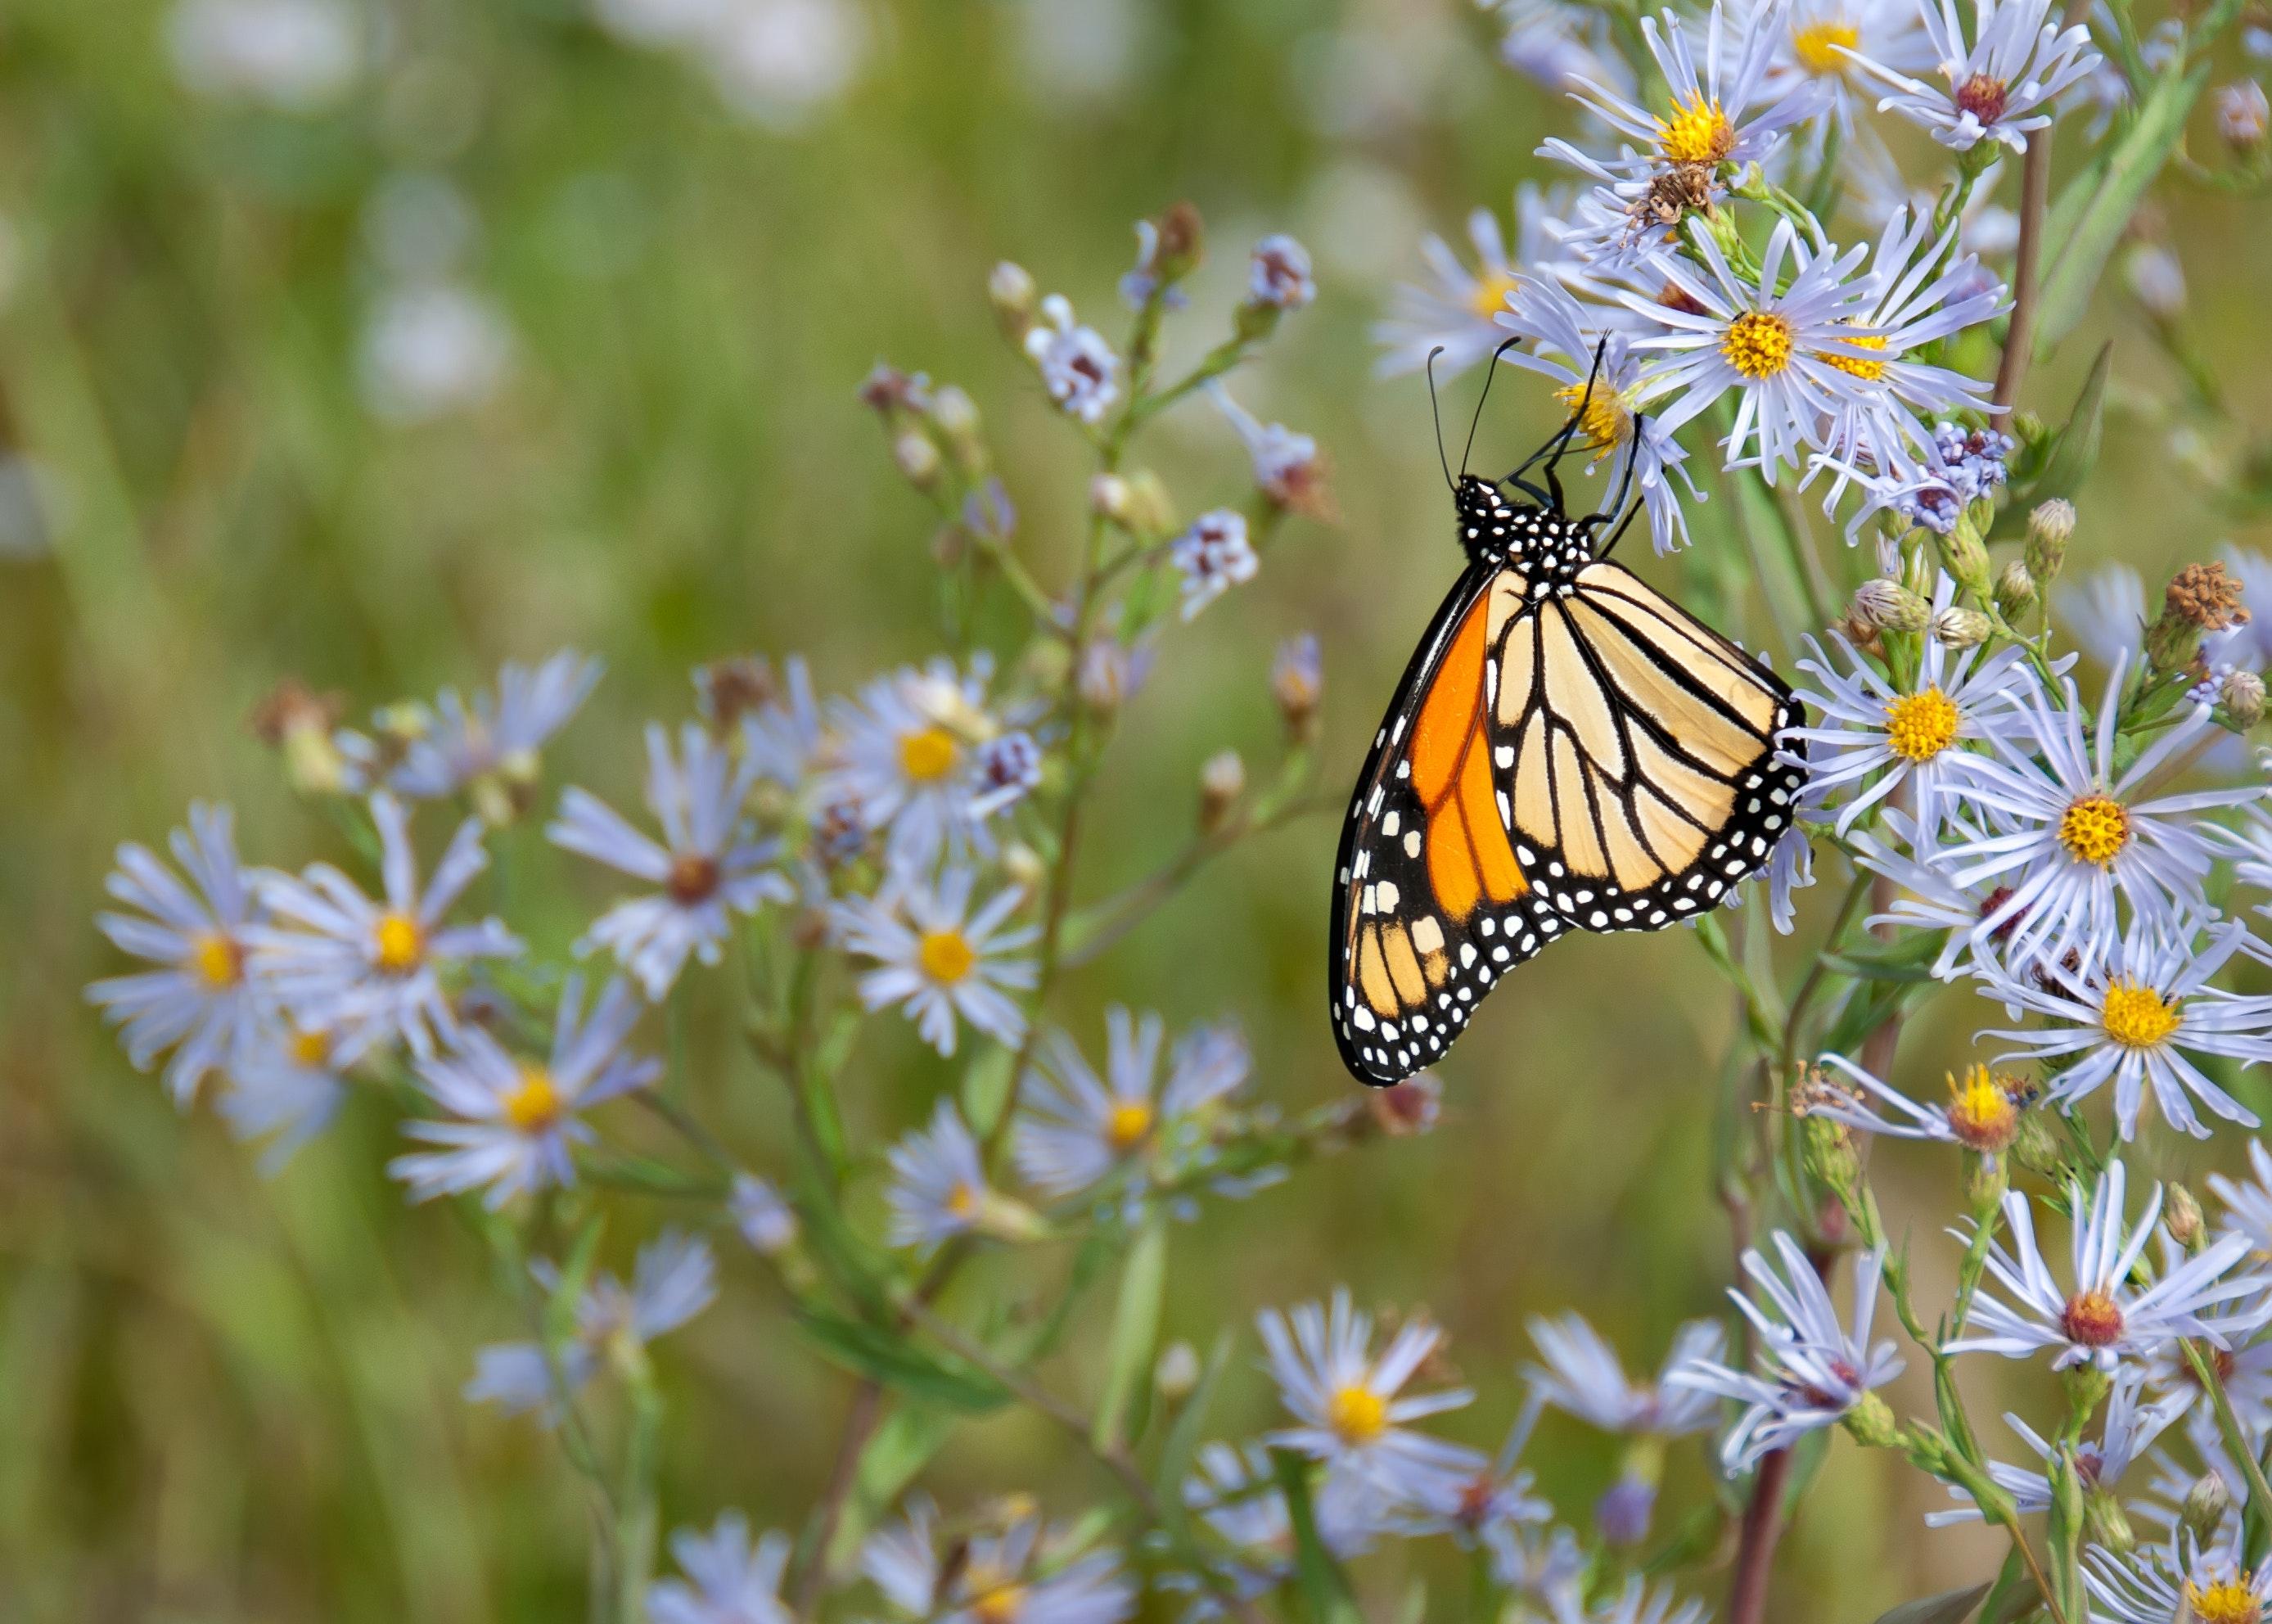 monarch-butterfly-on-flower-1564634